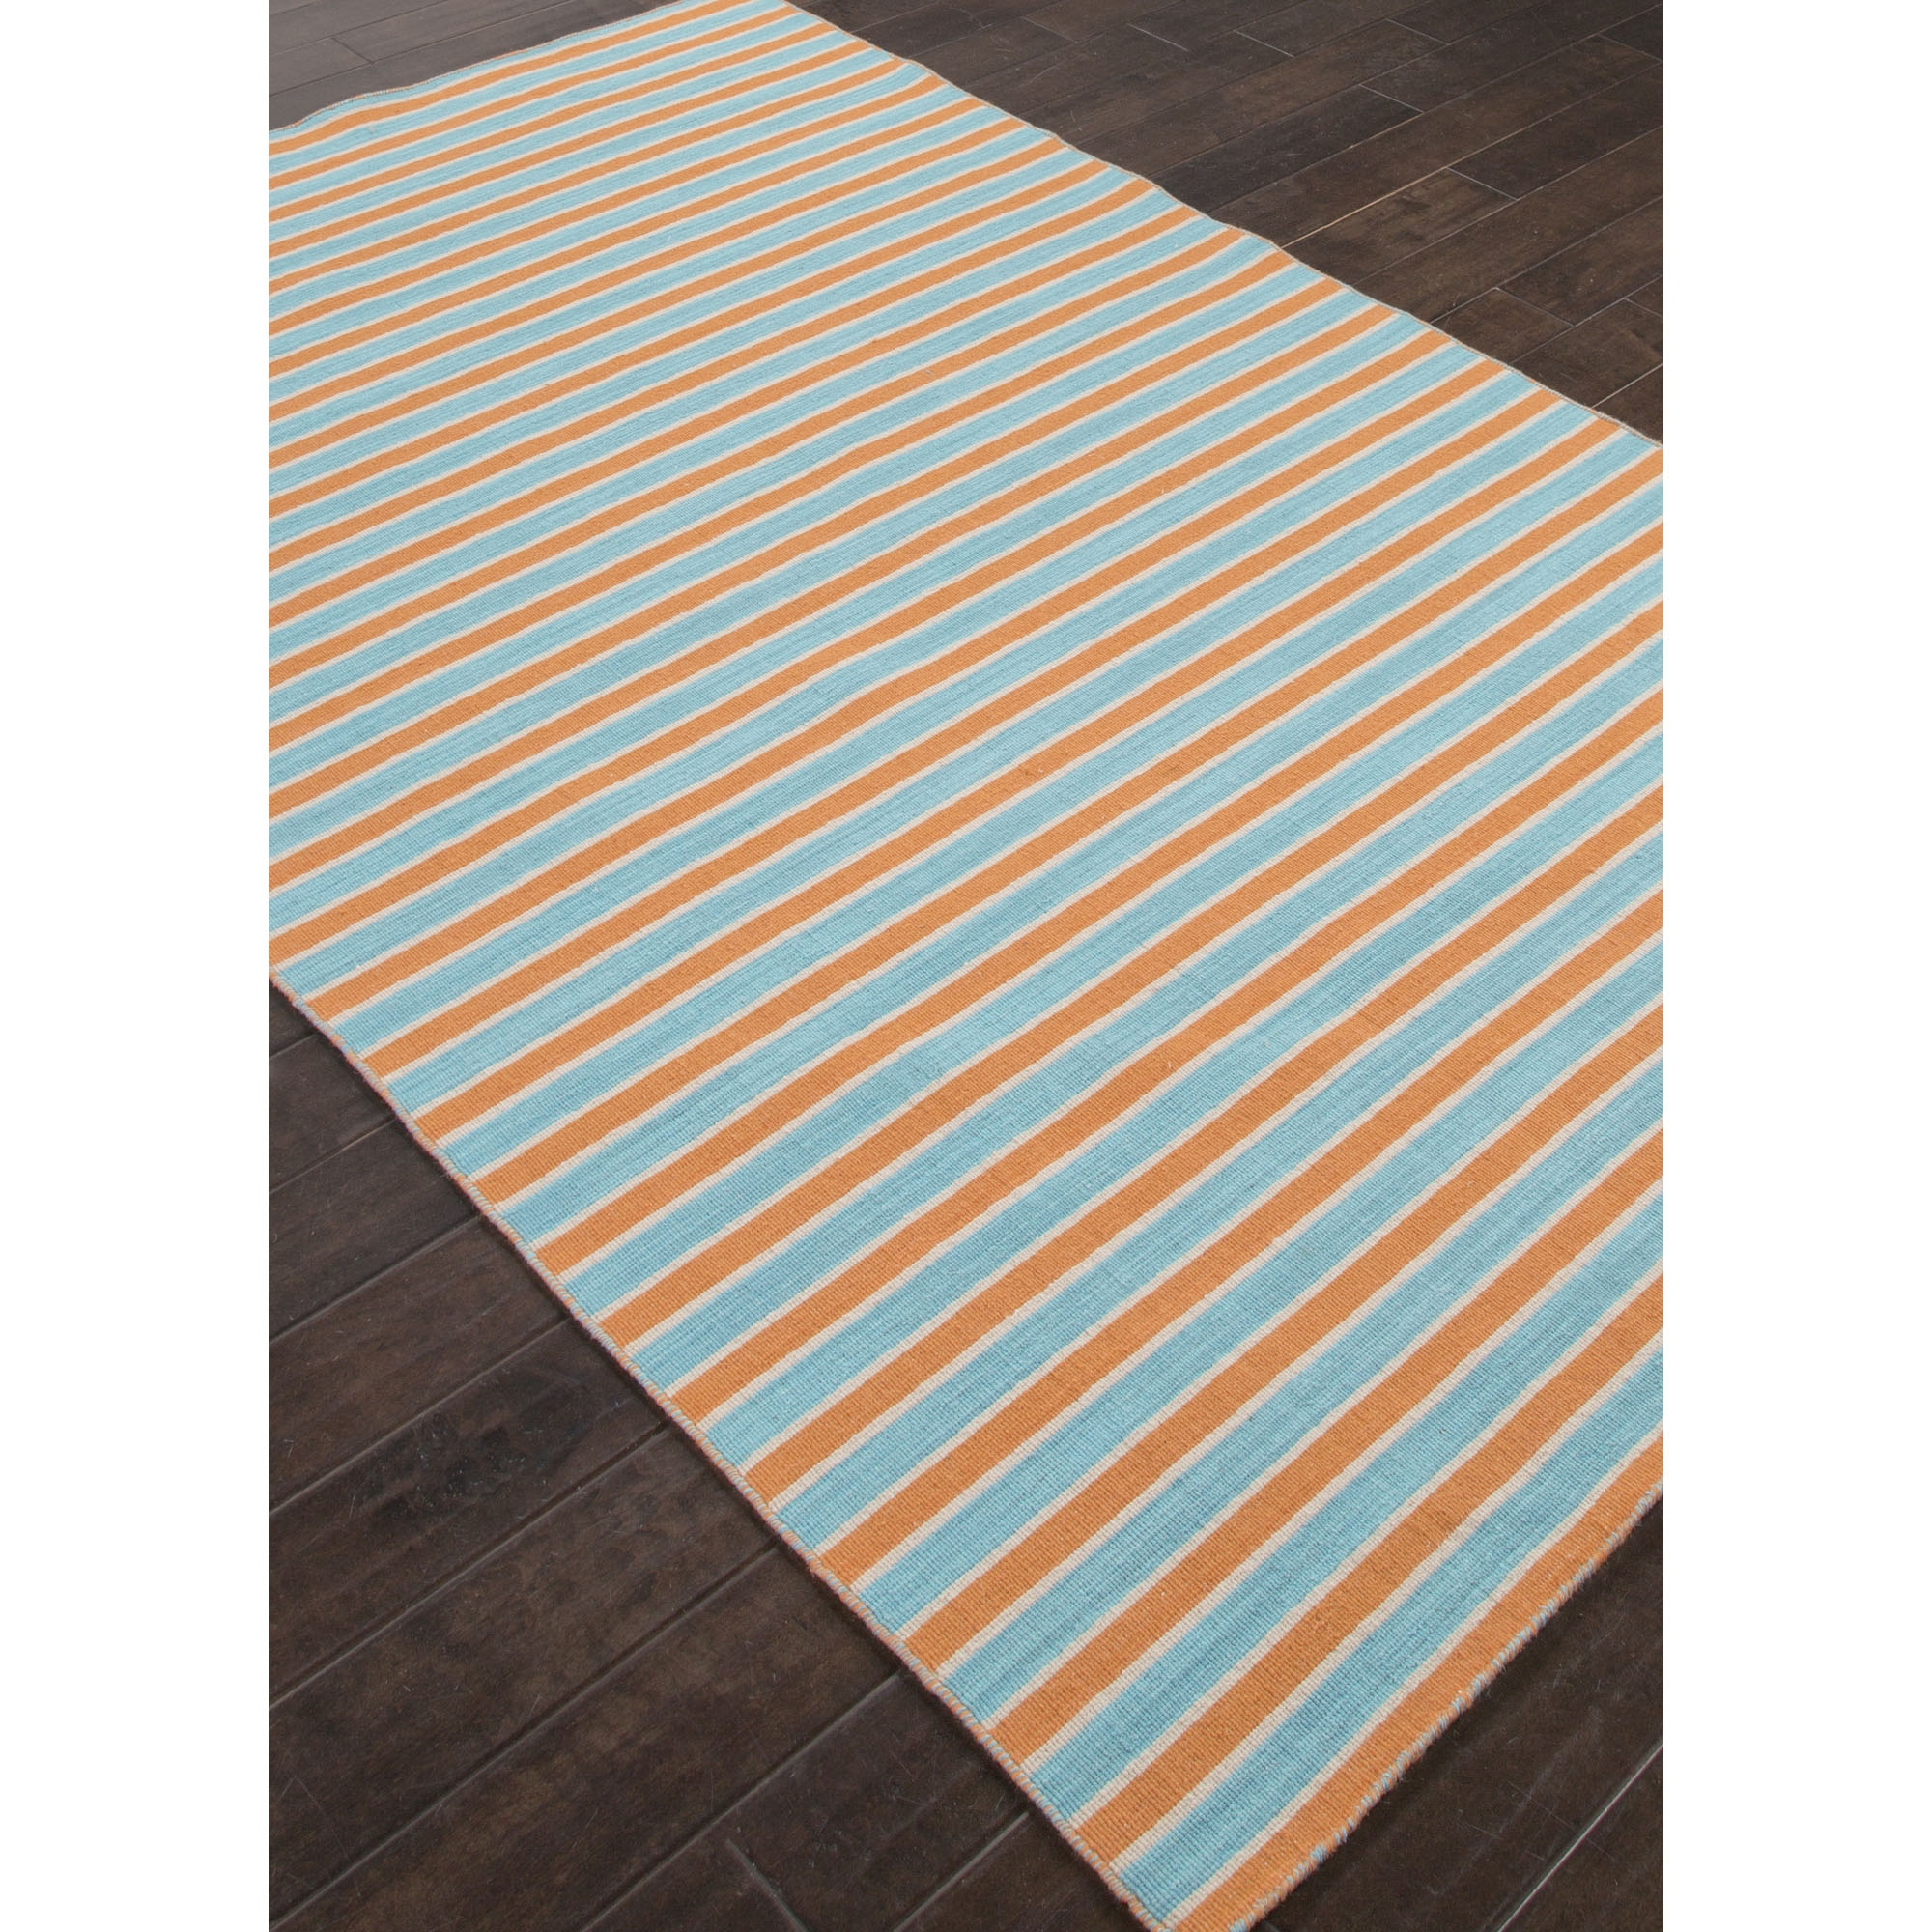 Asterlane Flat Weave Stripe Pattern Orangeblue Wool Area Rug With Regard To Wool Flat Weave Area Rugs (#1 of 15)